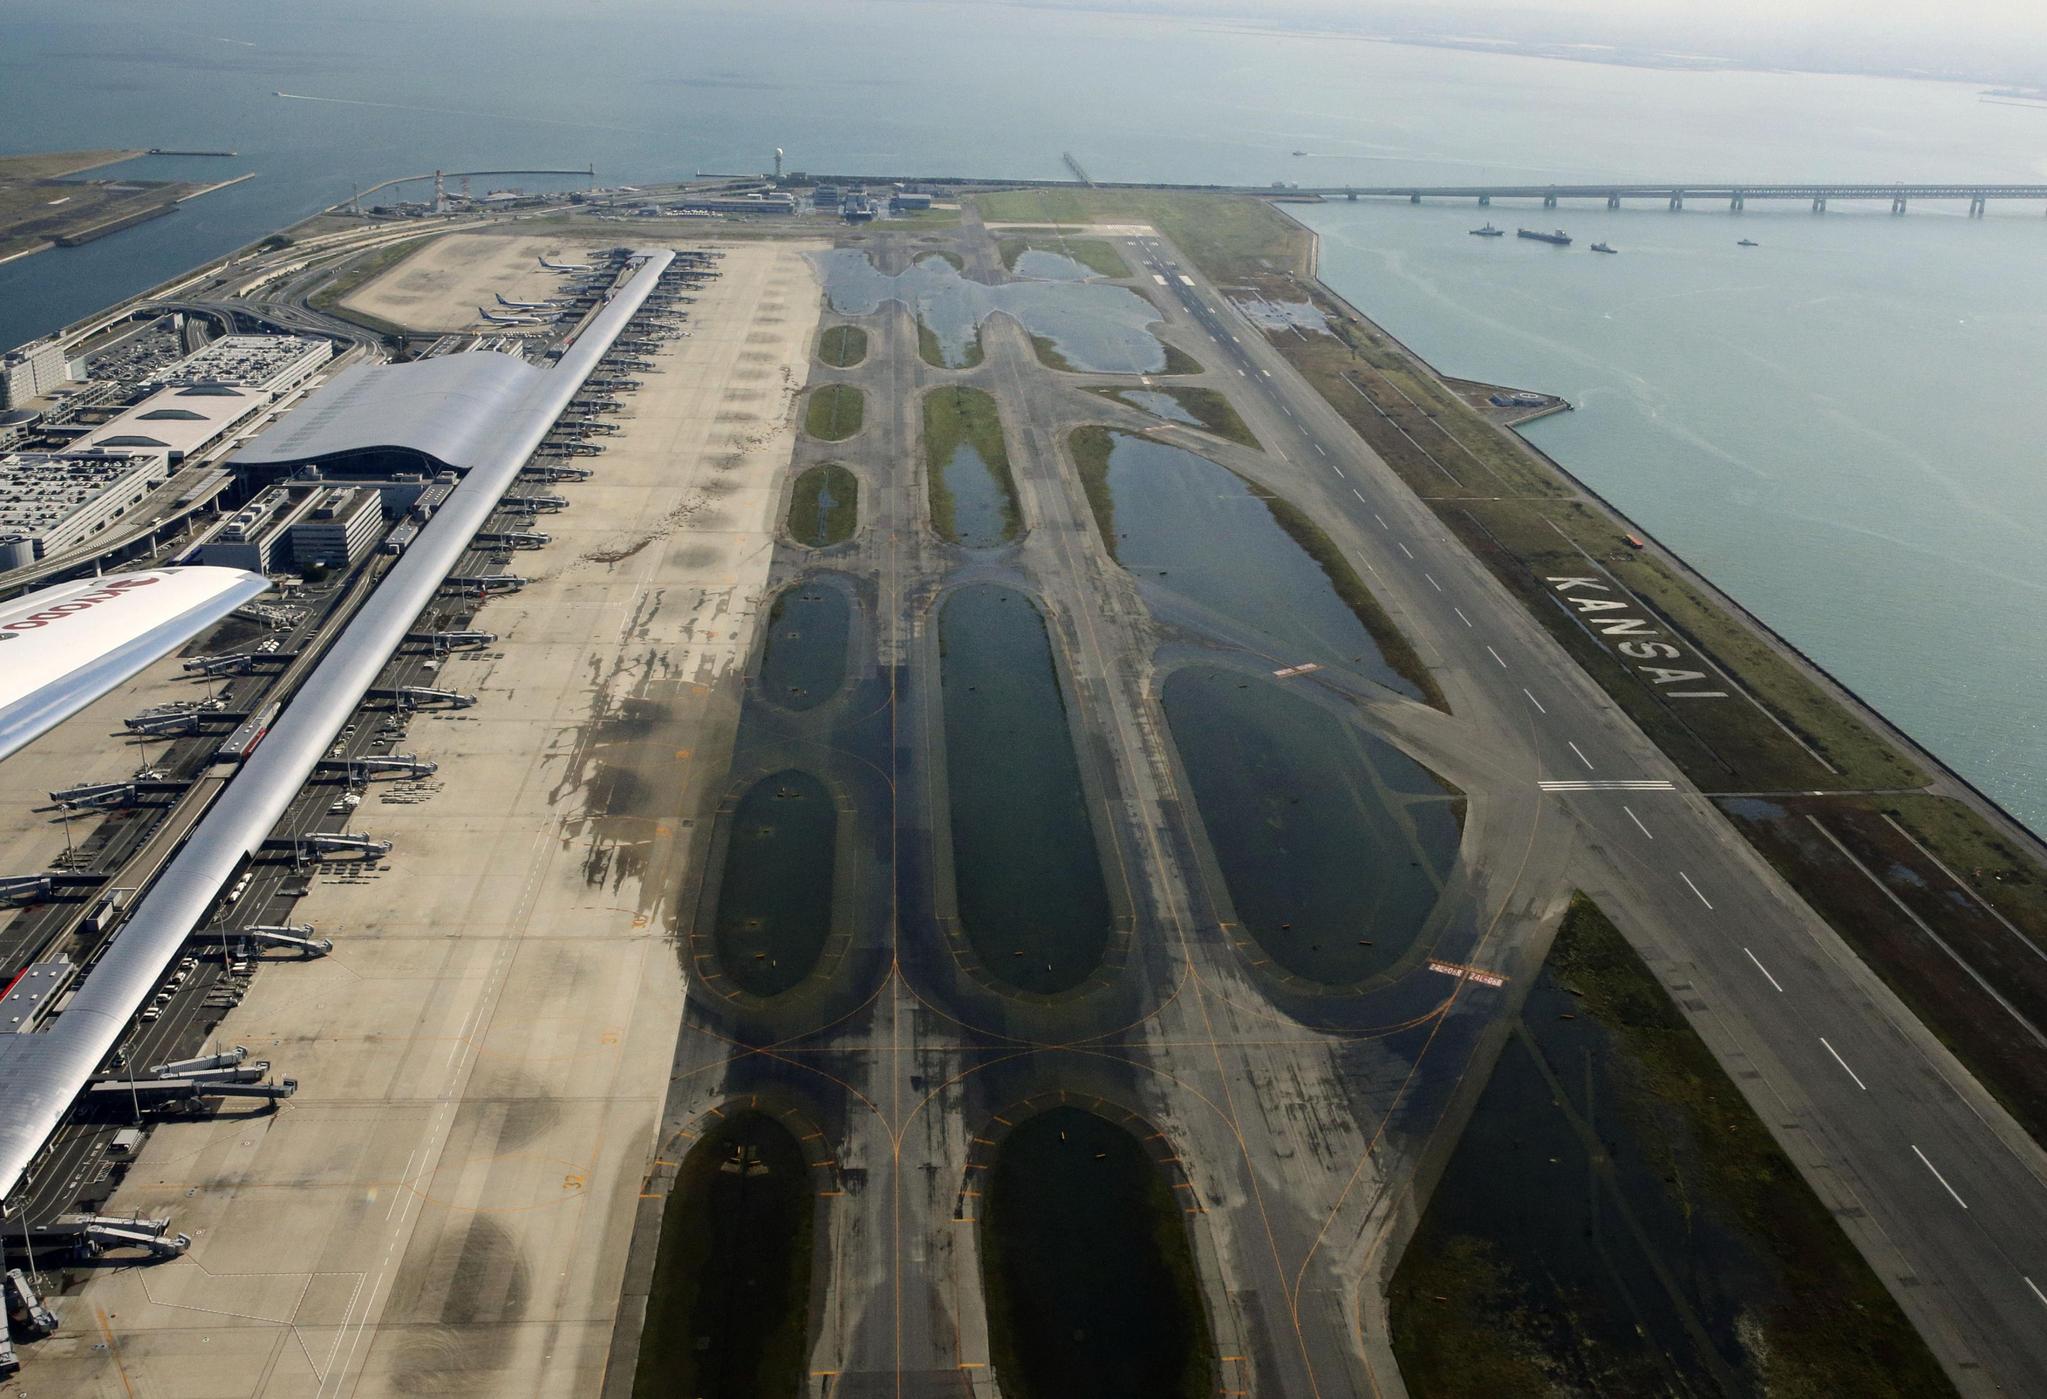 일본 서부의 관문인 오사카 간사이 공항이 태풍 제비로 인해 바닷물이 넘쳐 침수됐다. [AP=연합뉴스]